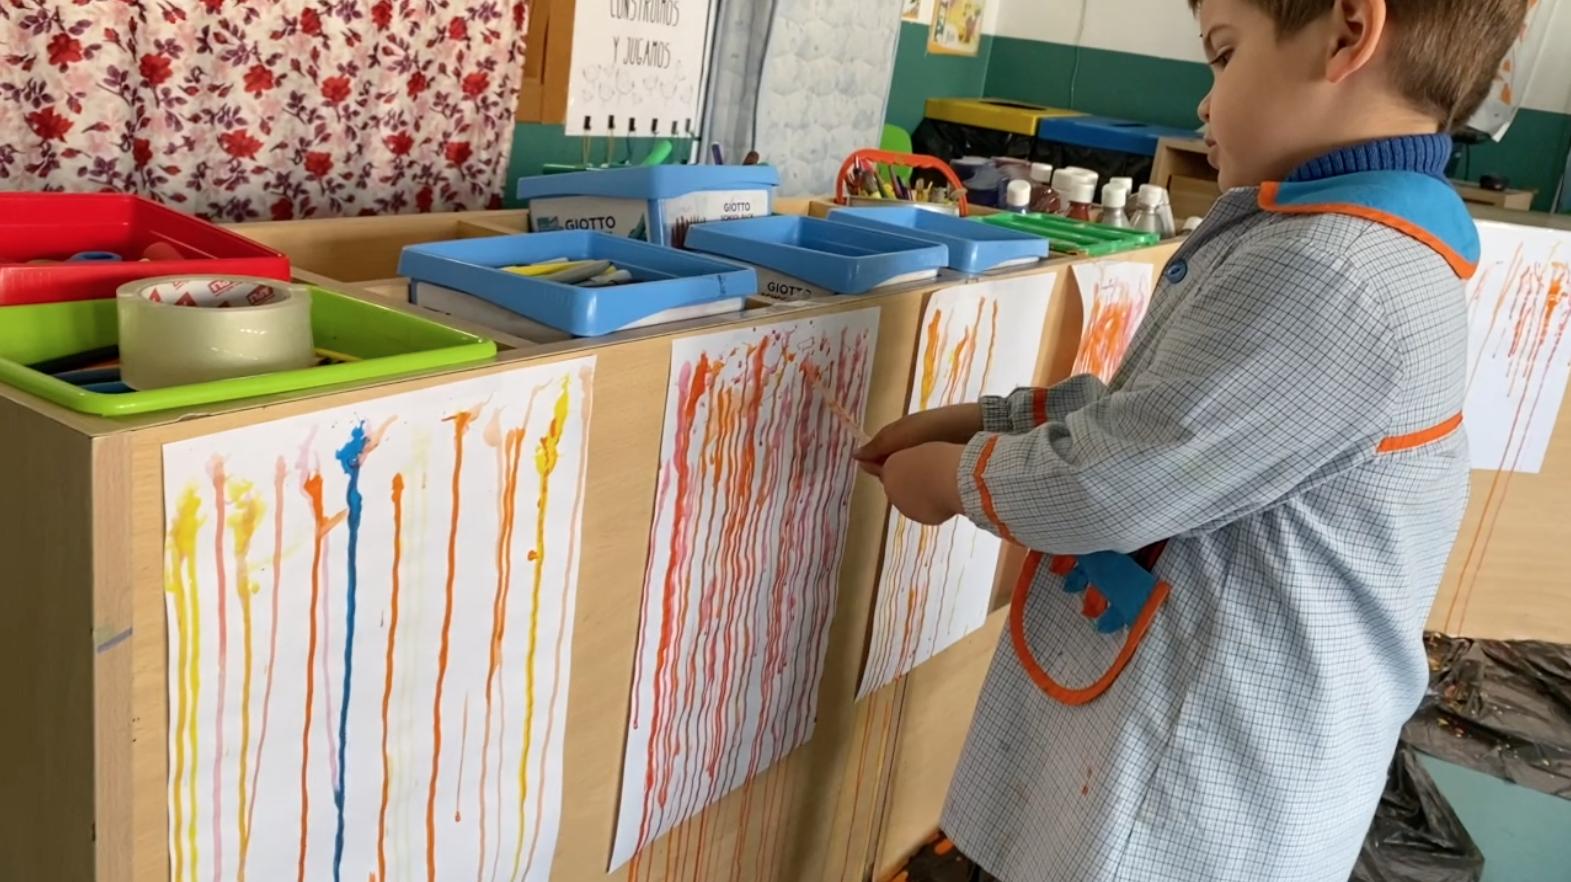 Niño de 4 años pintando de color naranja con un cuentagotas sobre un folio blanco colgado en vertical en un aula de educación infantil